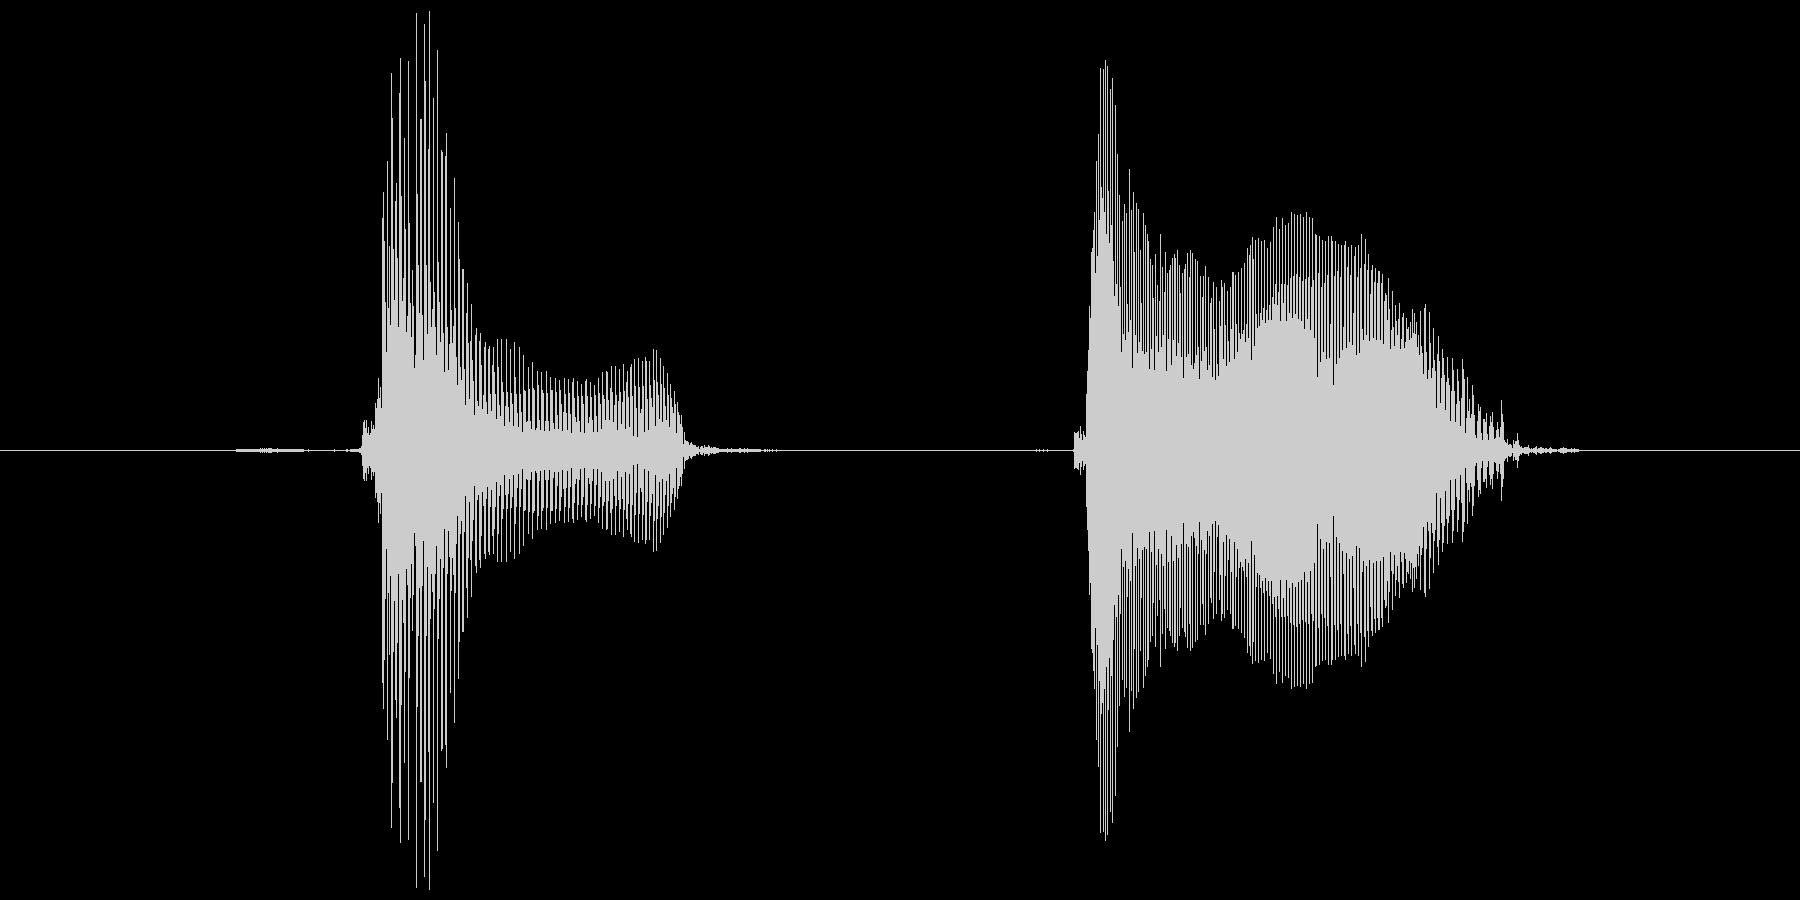 ゲット!の未再生の波形